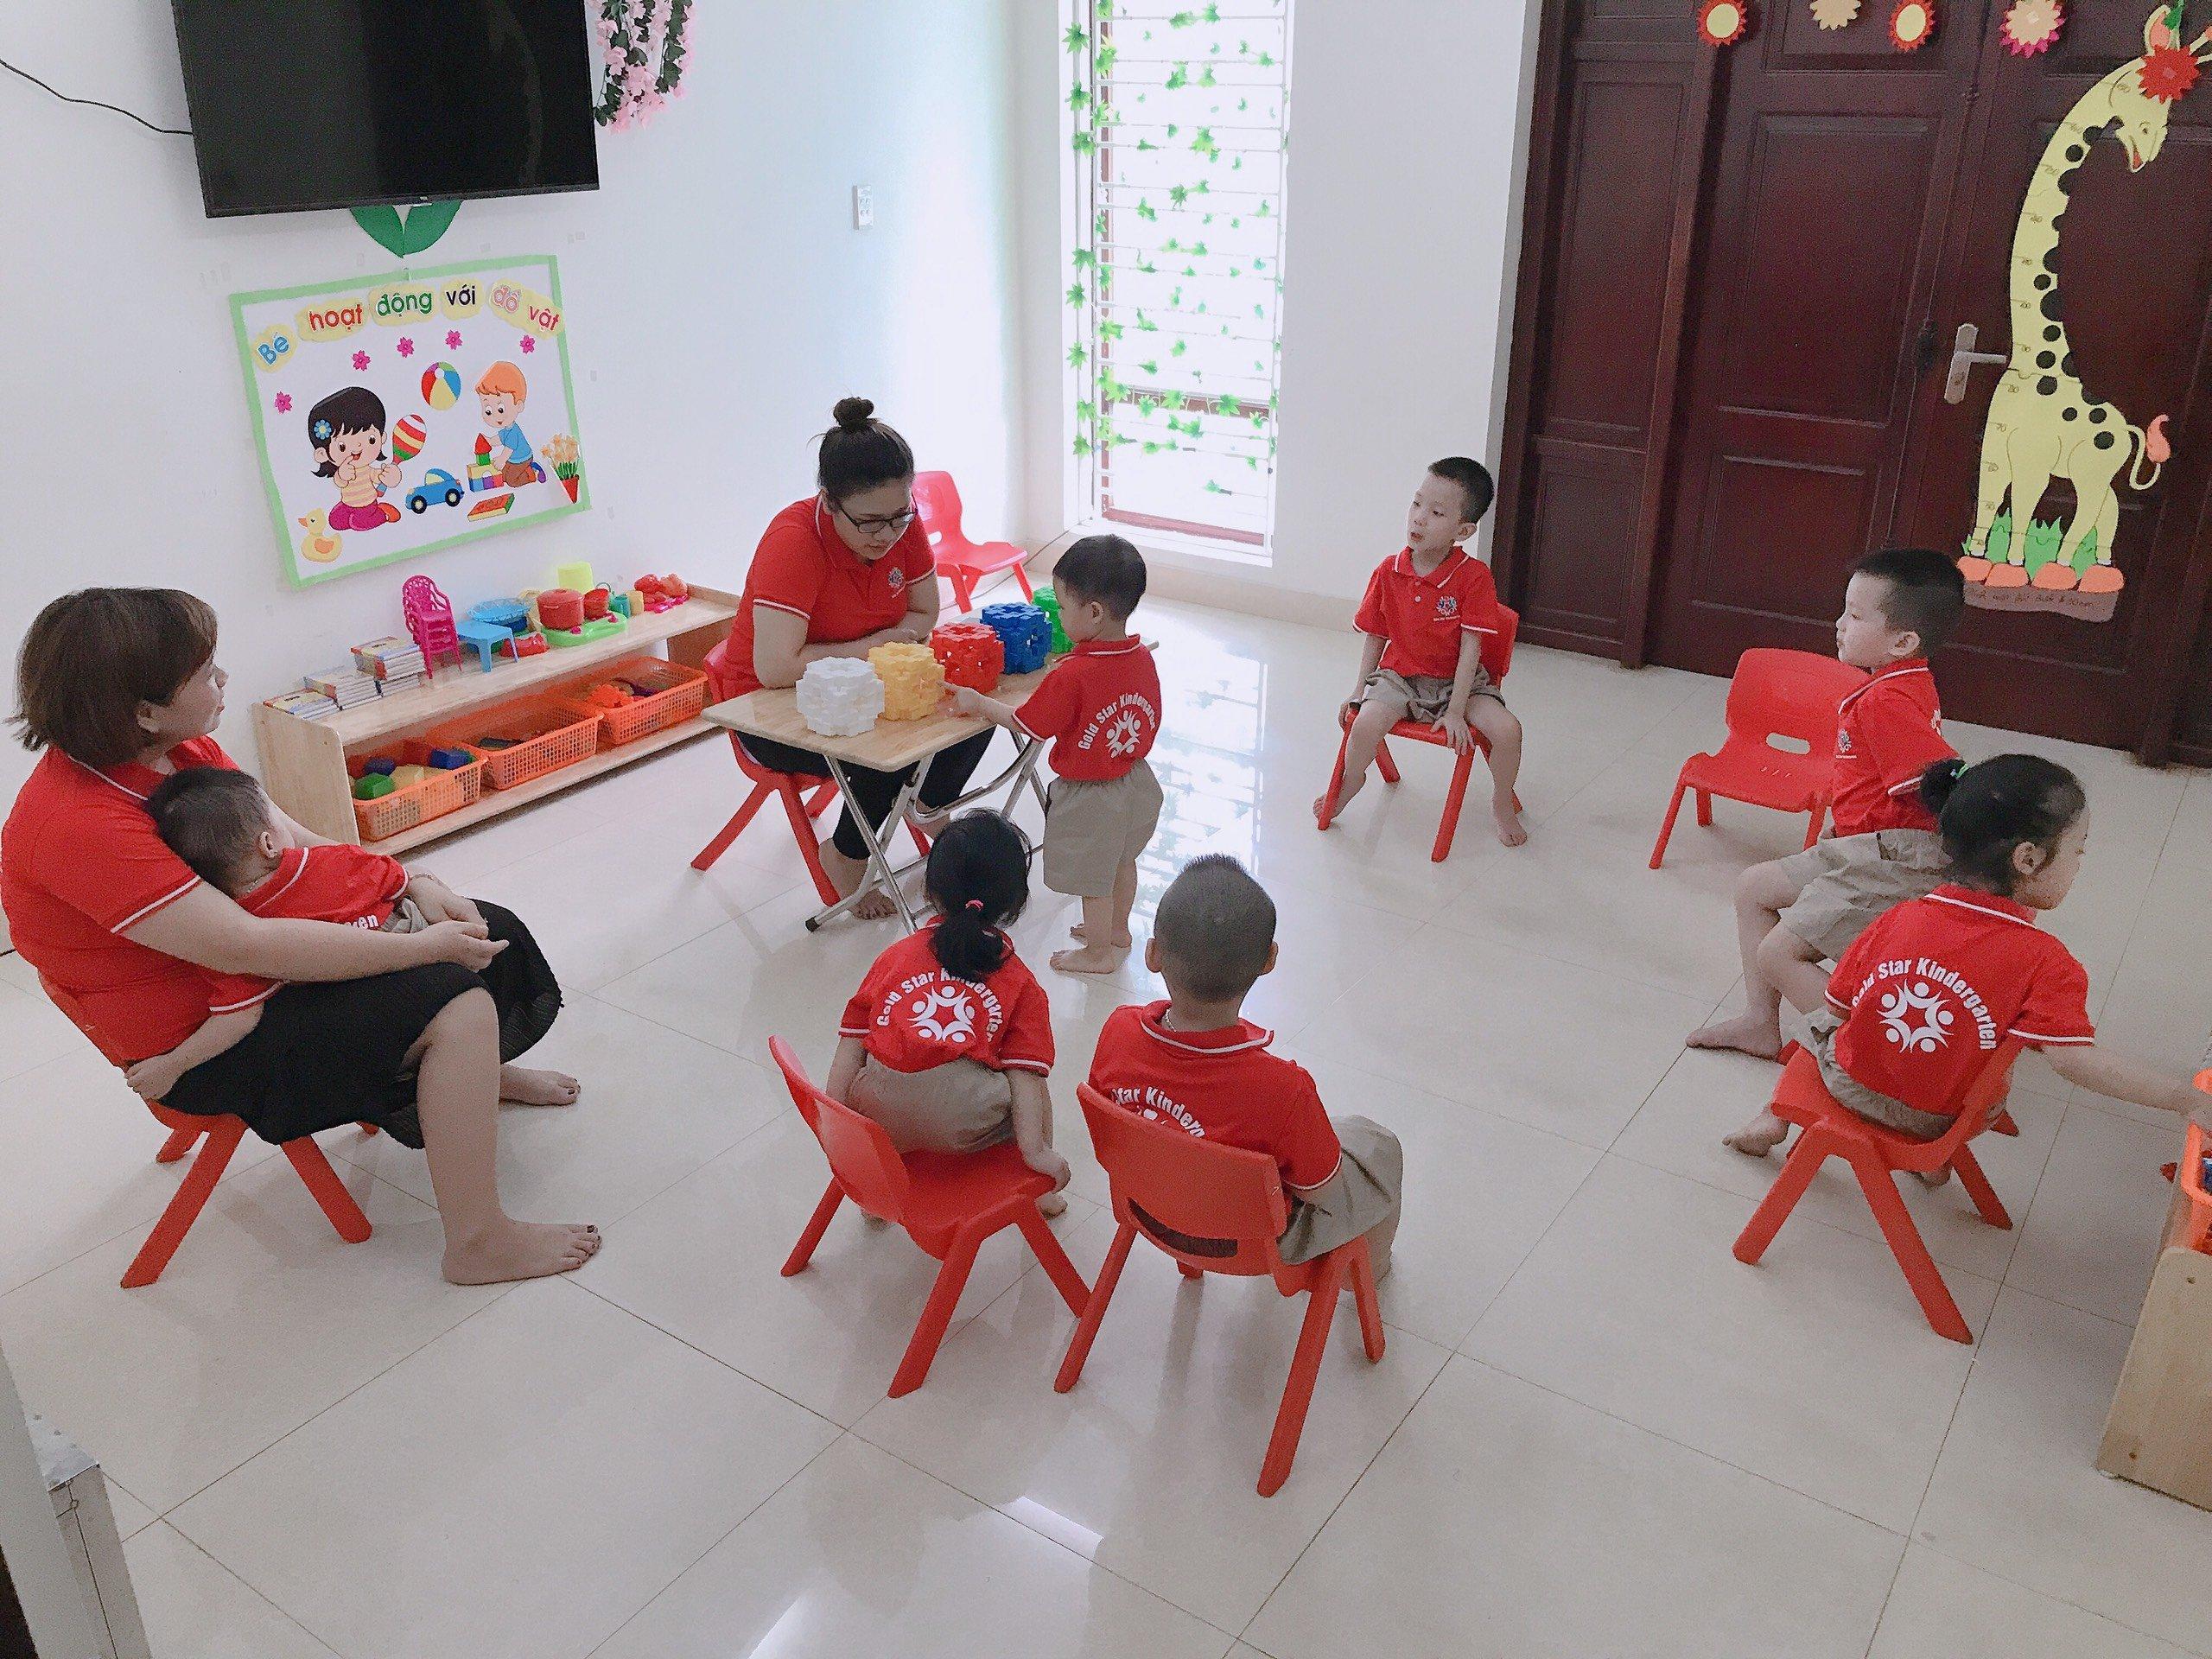 Giảm 50% Học Phí cho 20 bé Đăng kí Nhập Học sớm nhất.